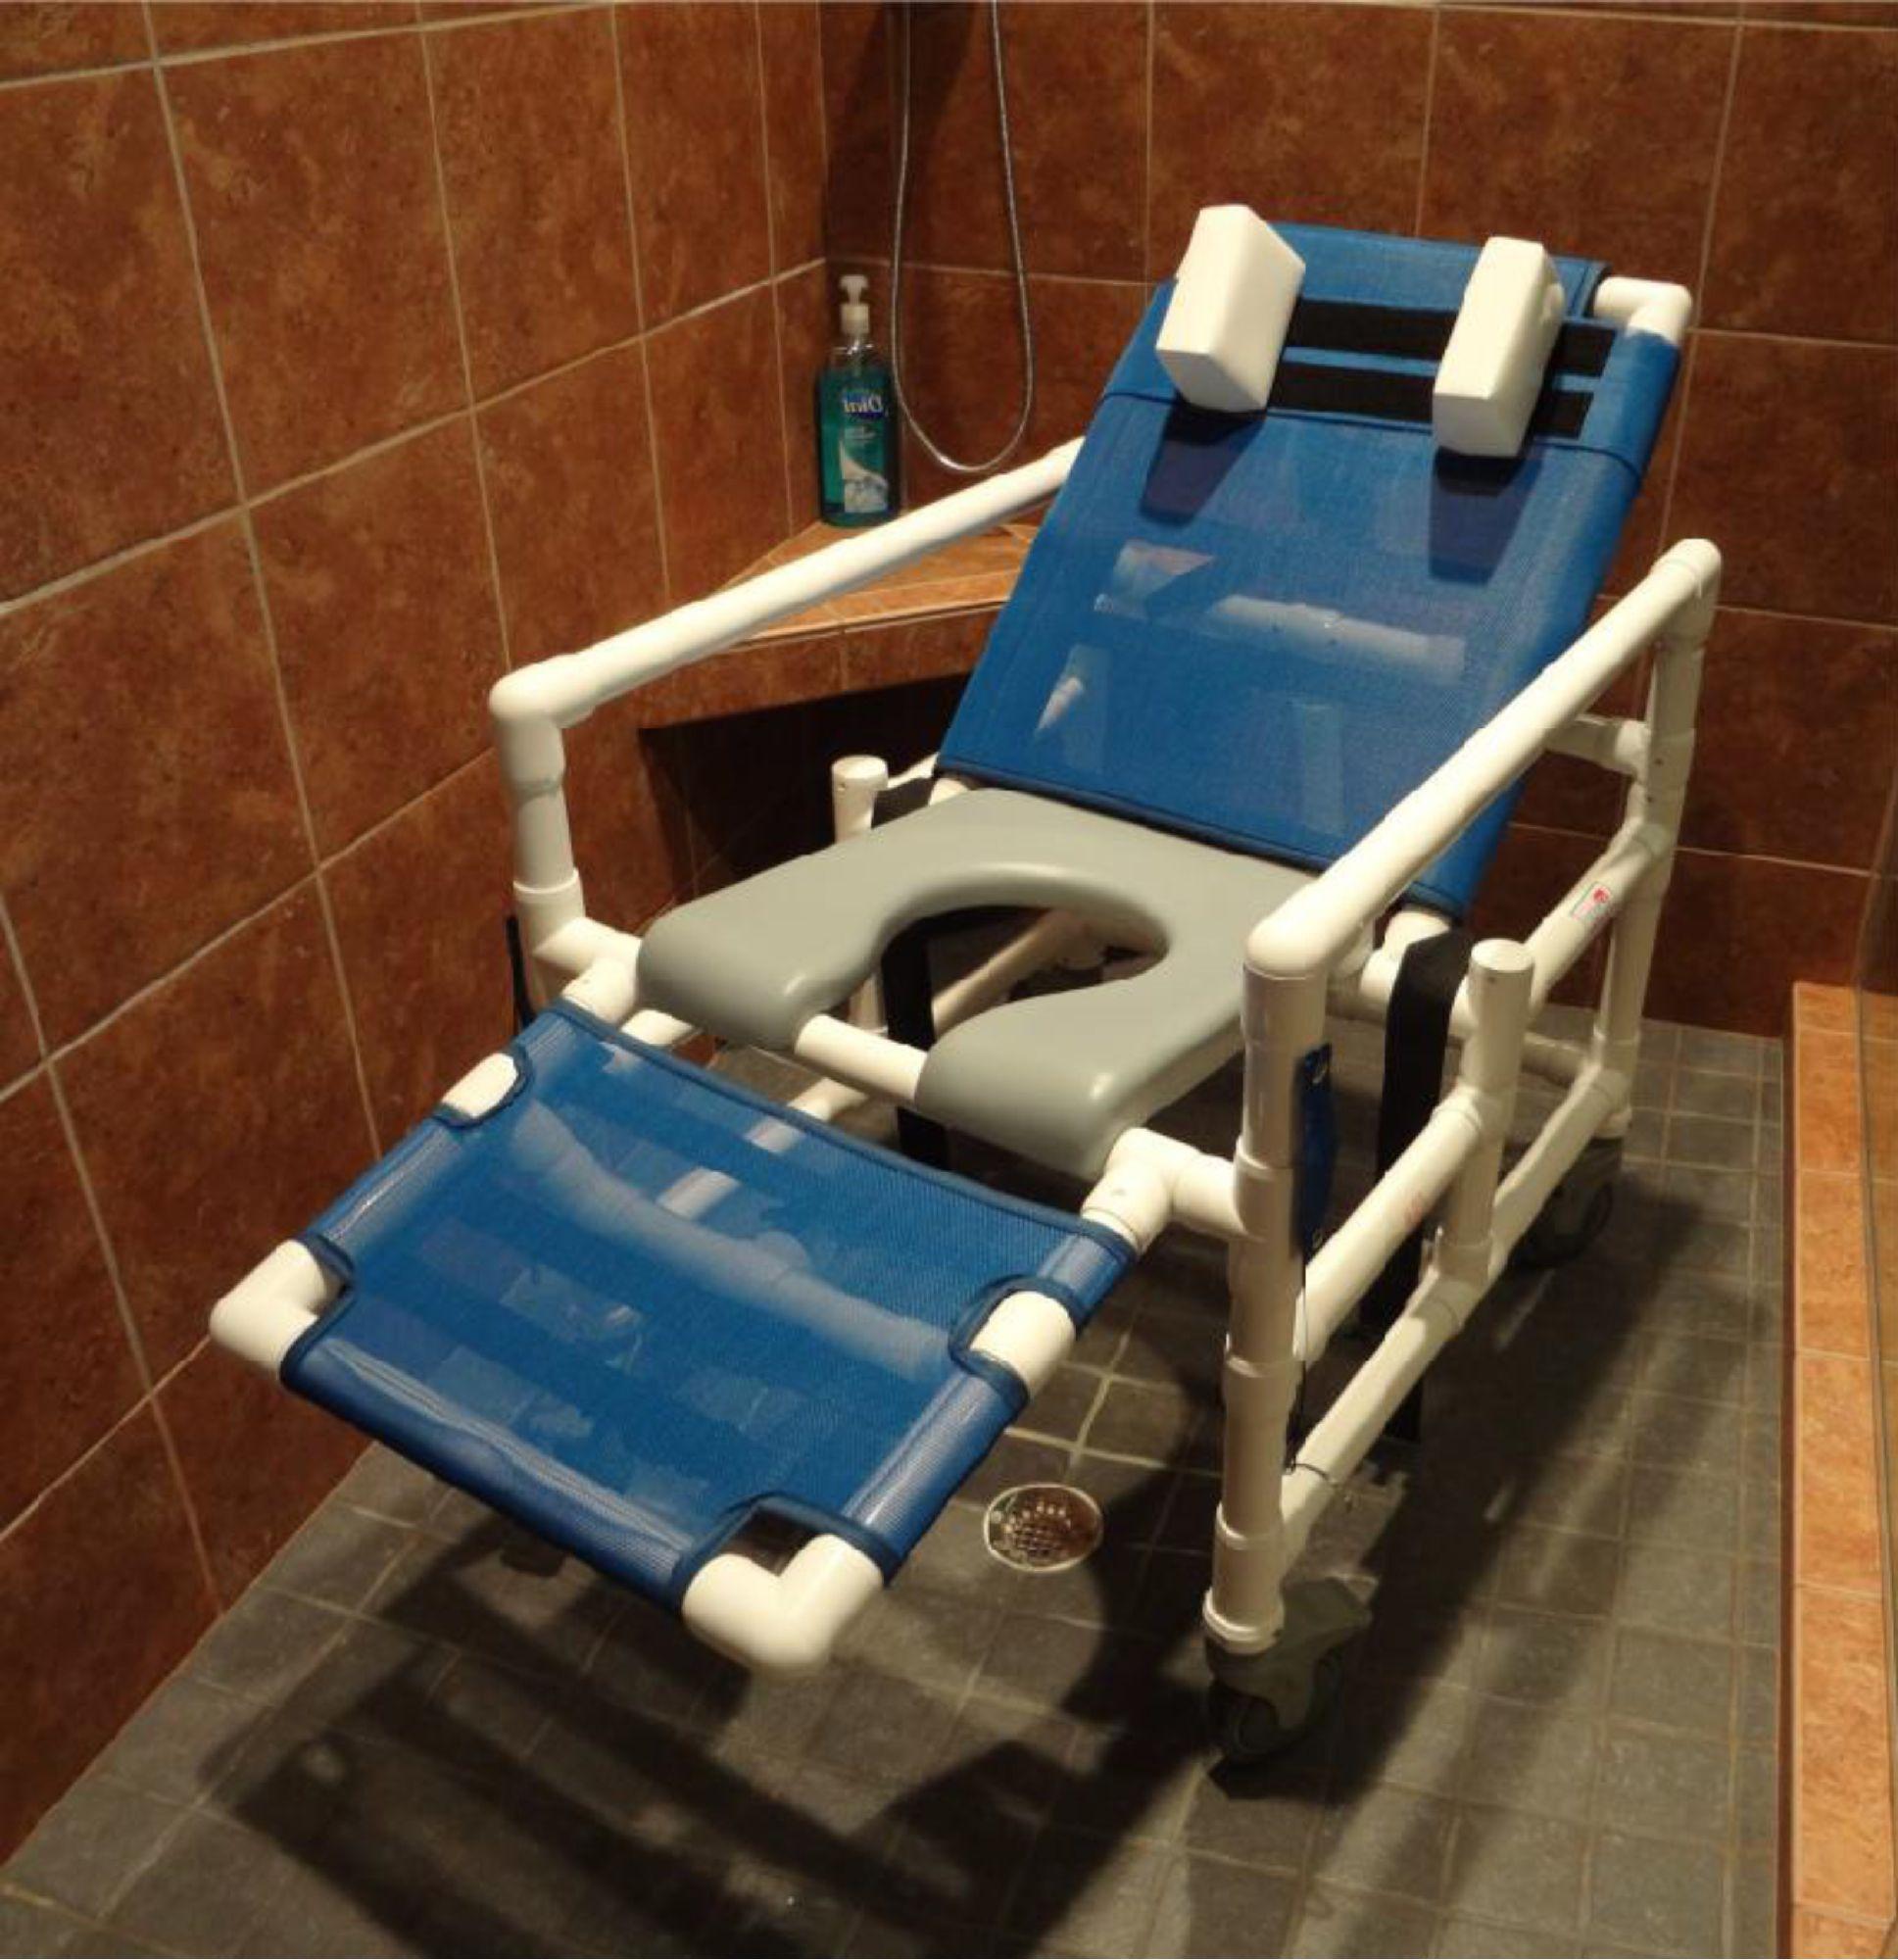 Reclining Shower Chair Handicap shower chair, Shower